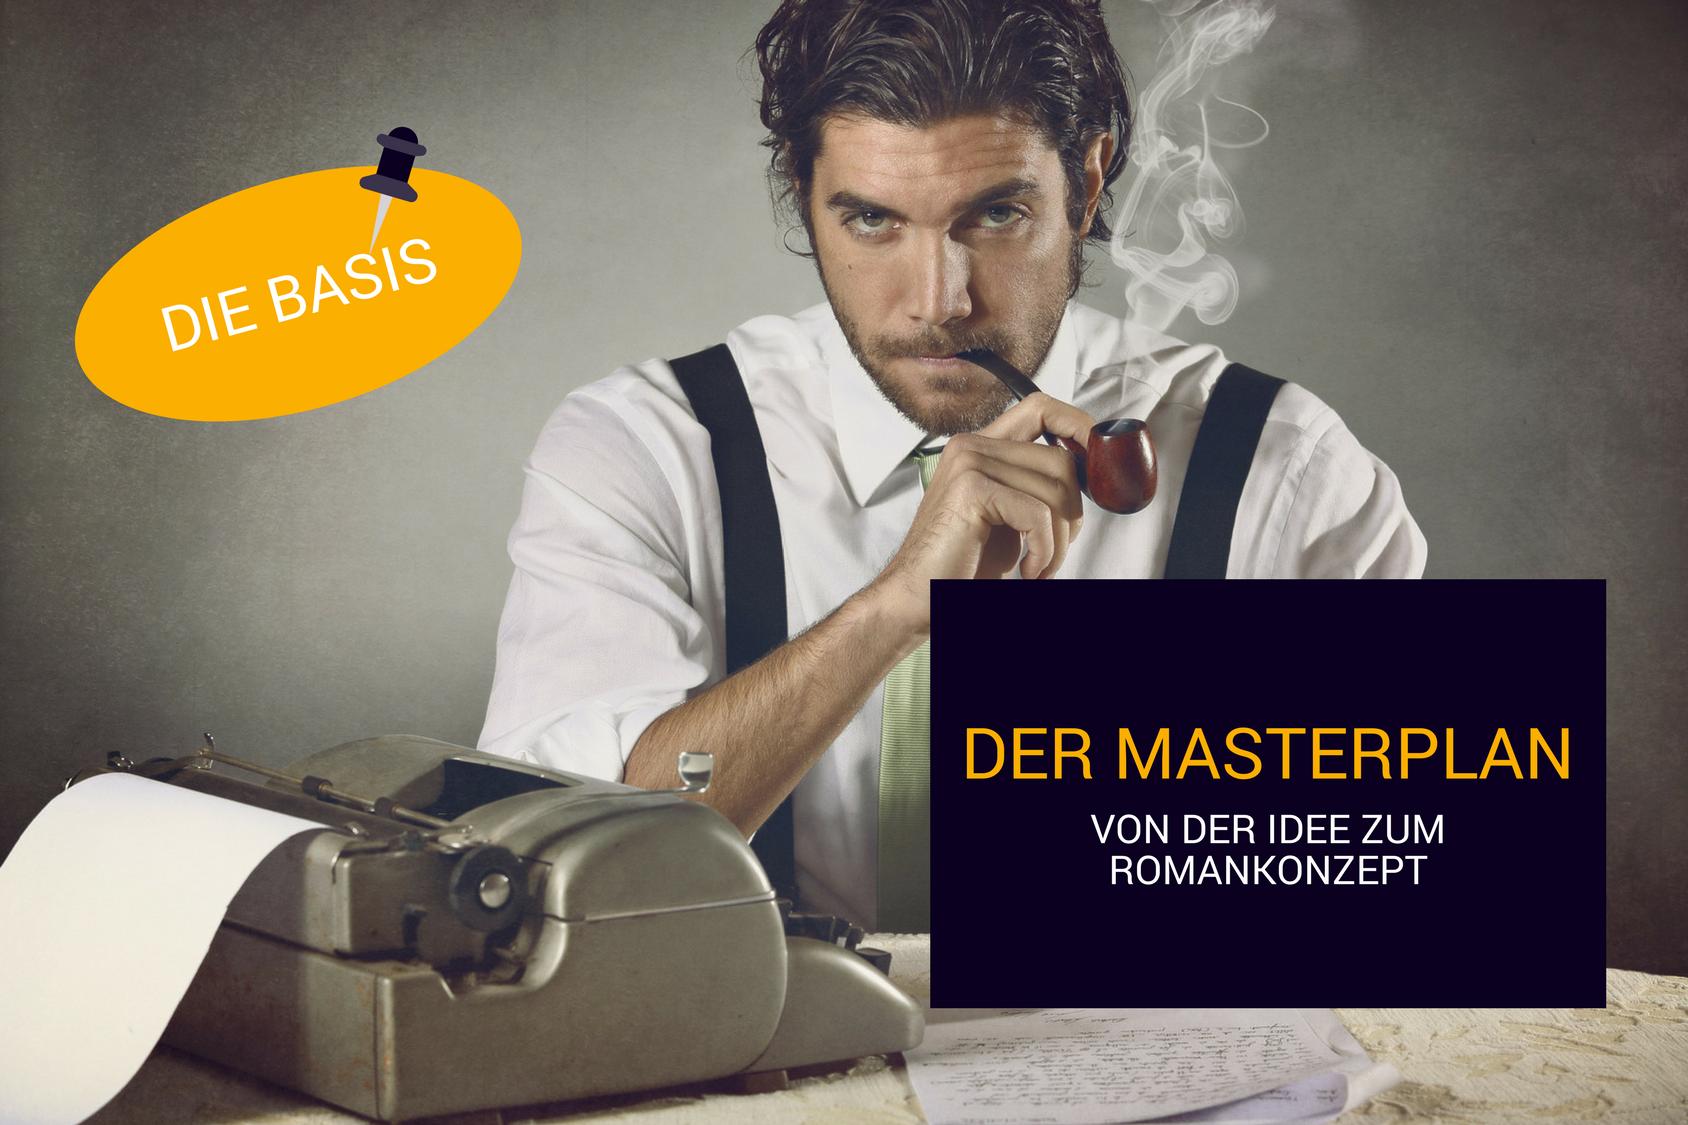 Der Masterplan – Von der Idee zum Romankonzept